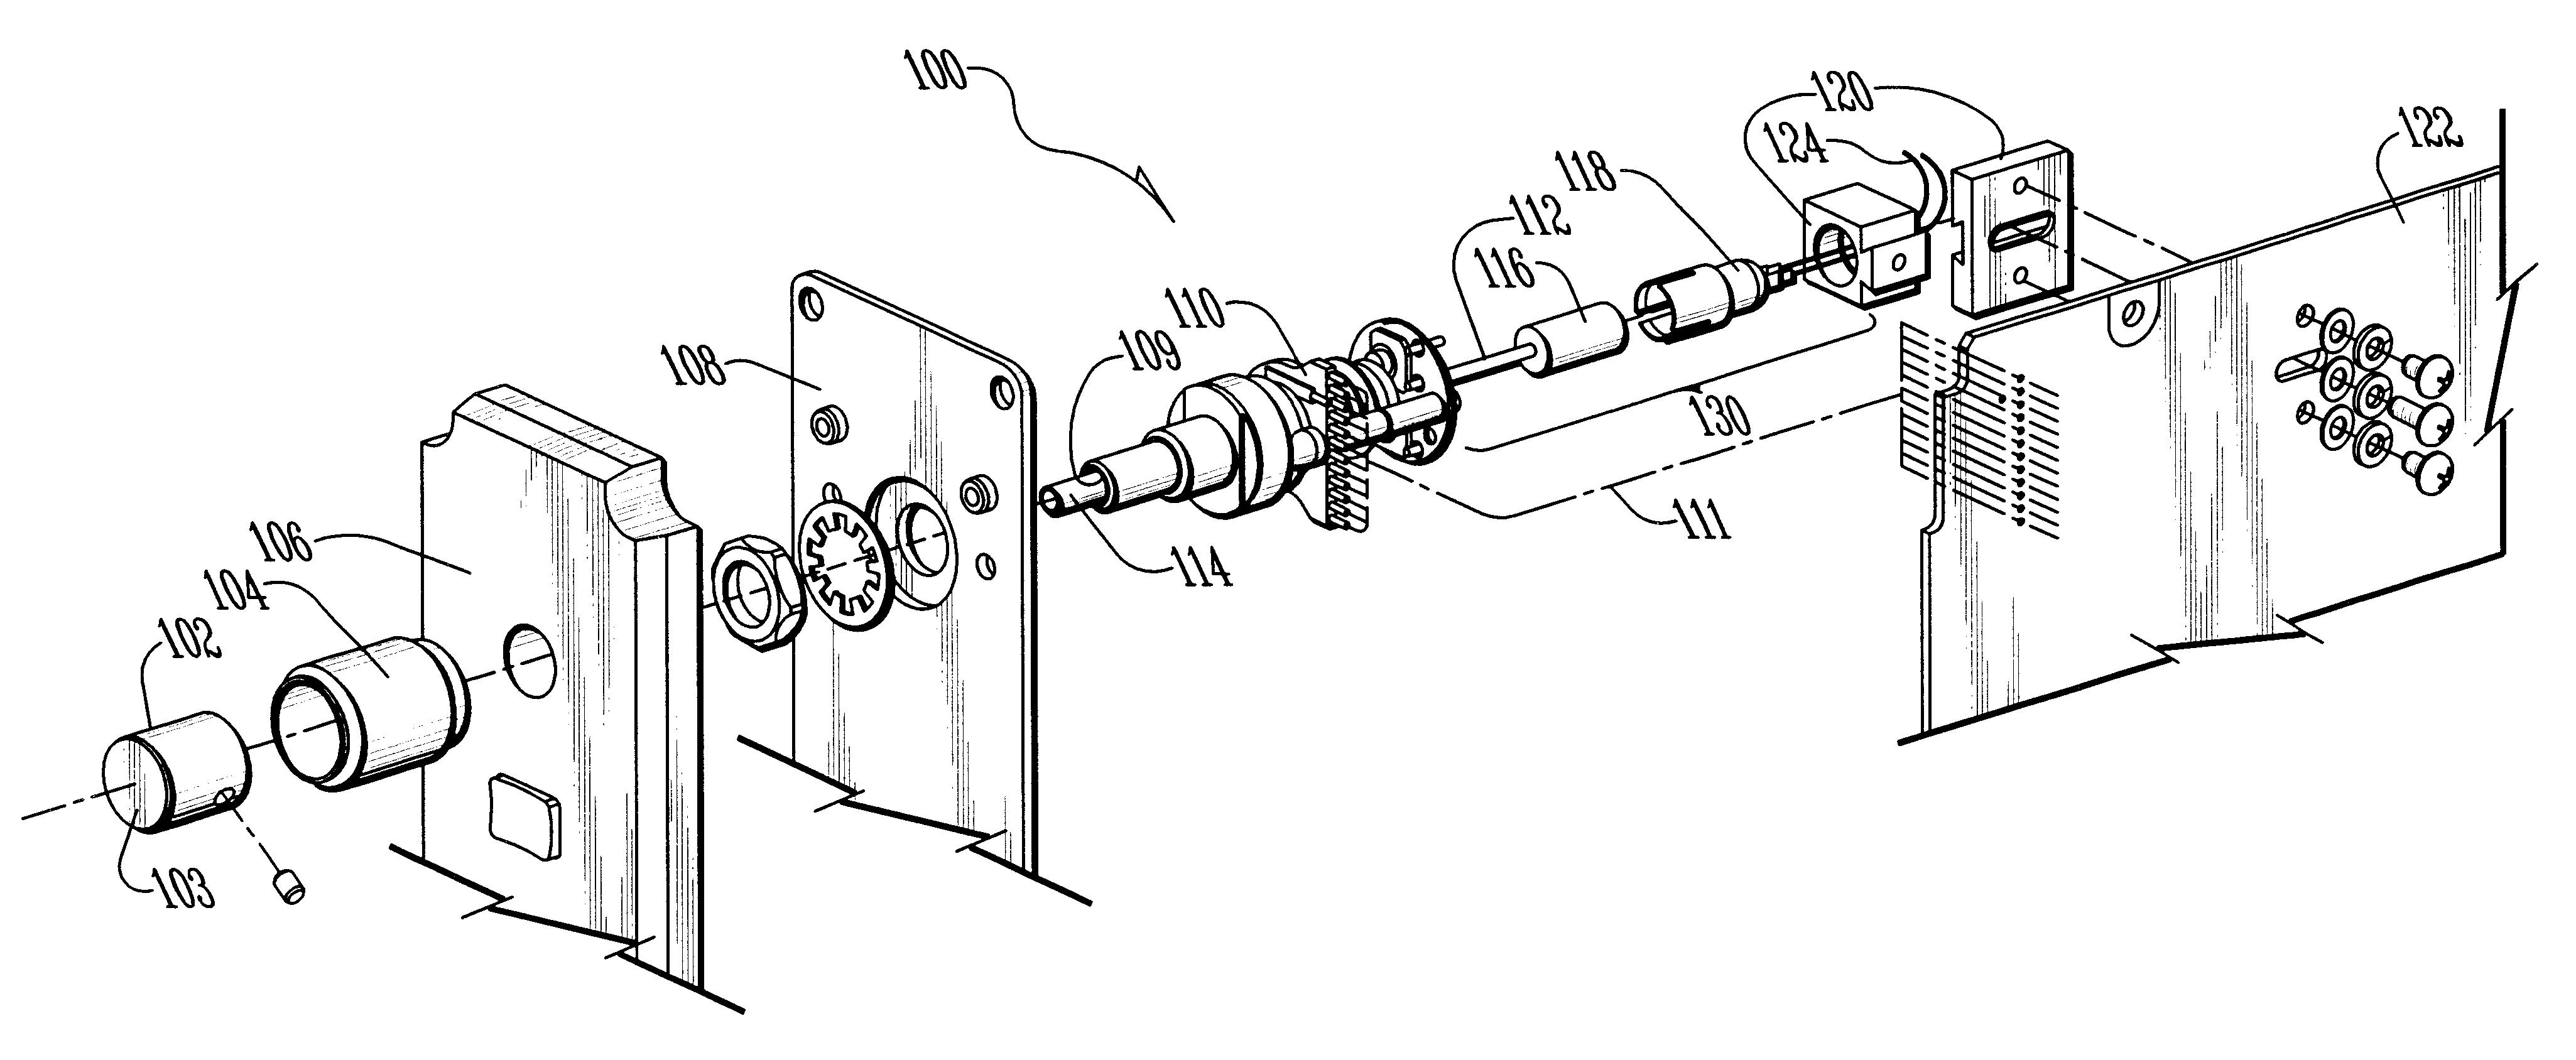 patent us6531669